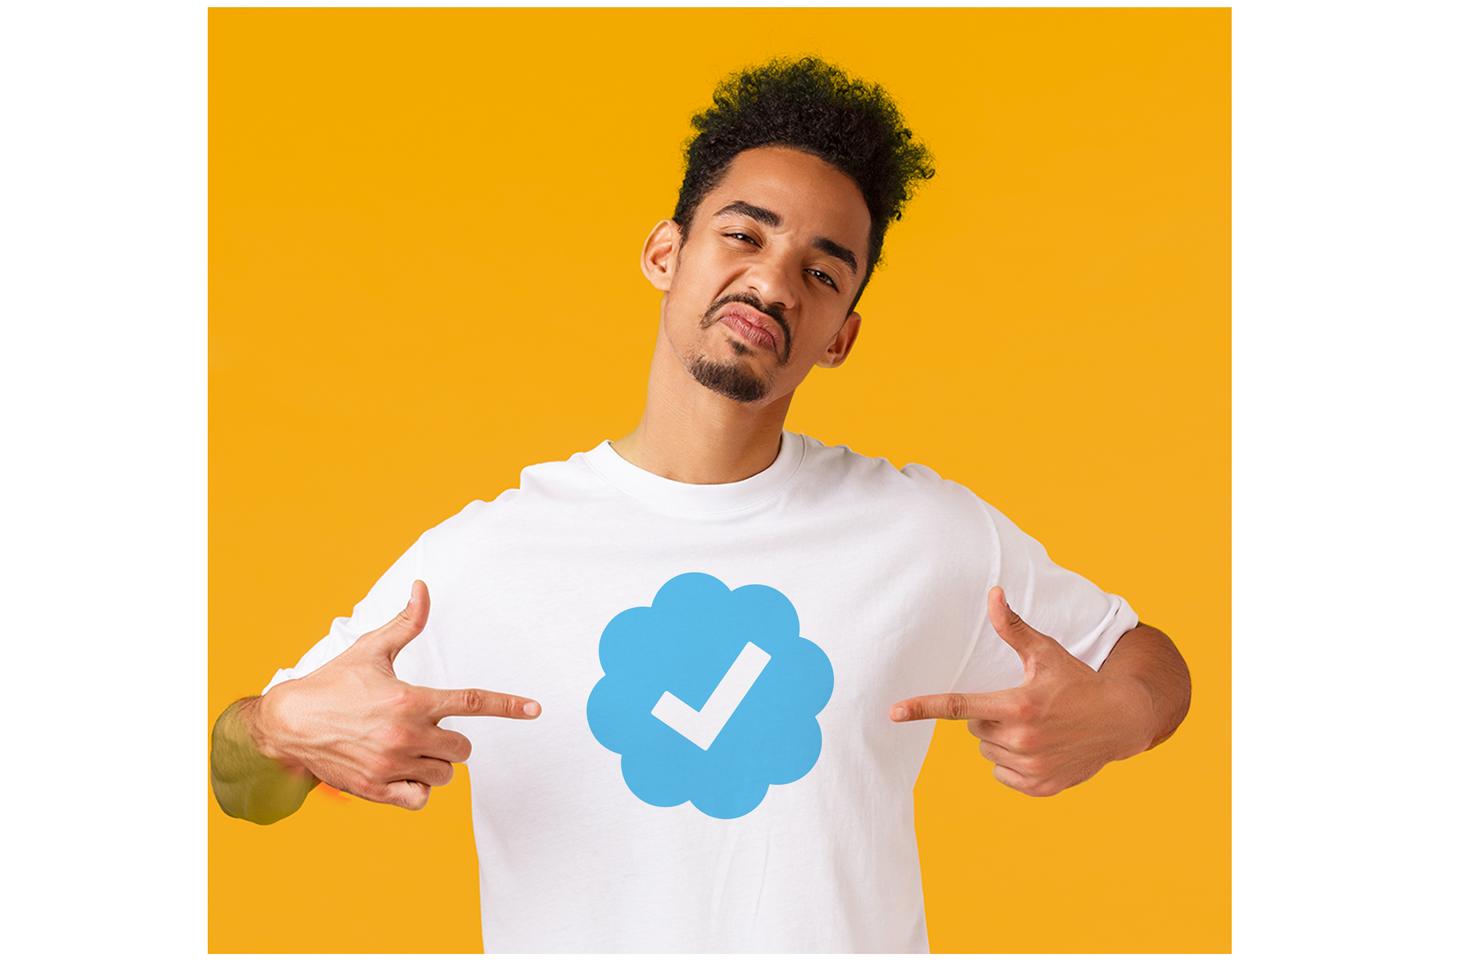 Cómo evitar estafas a través de cuentas falsas de marcas en Twitter   Blog oficial de Kaspersky